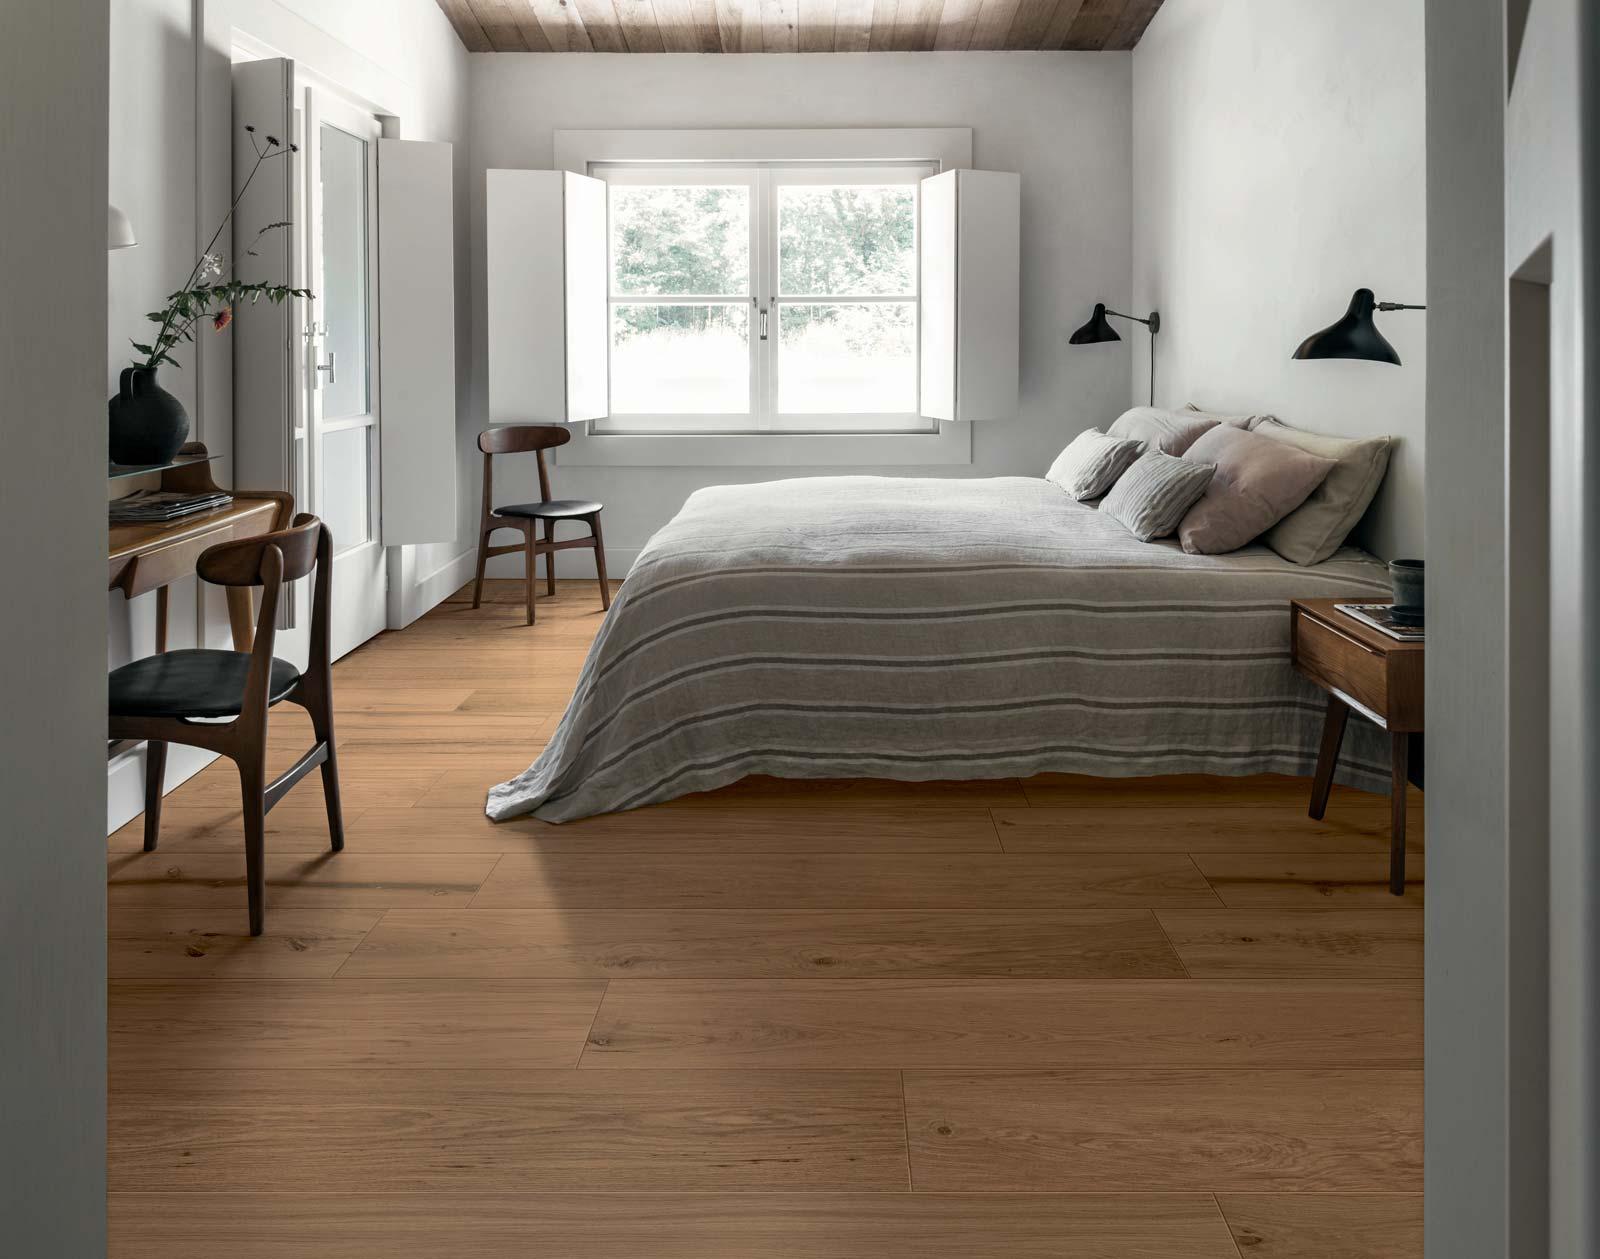 Pavimenti per camere da letto ze59 regardsdefemmes - Pavimenti per camere da letto ...